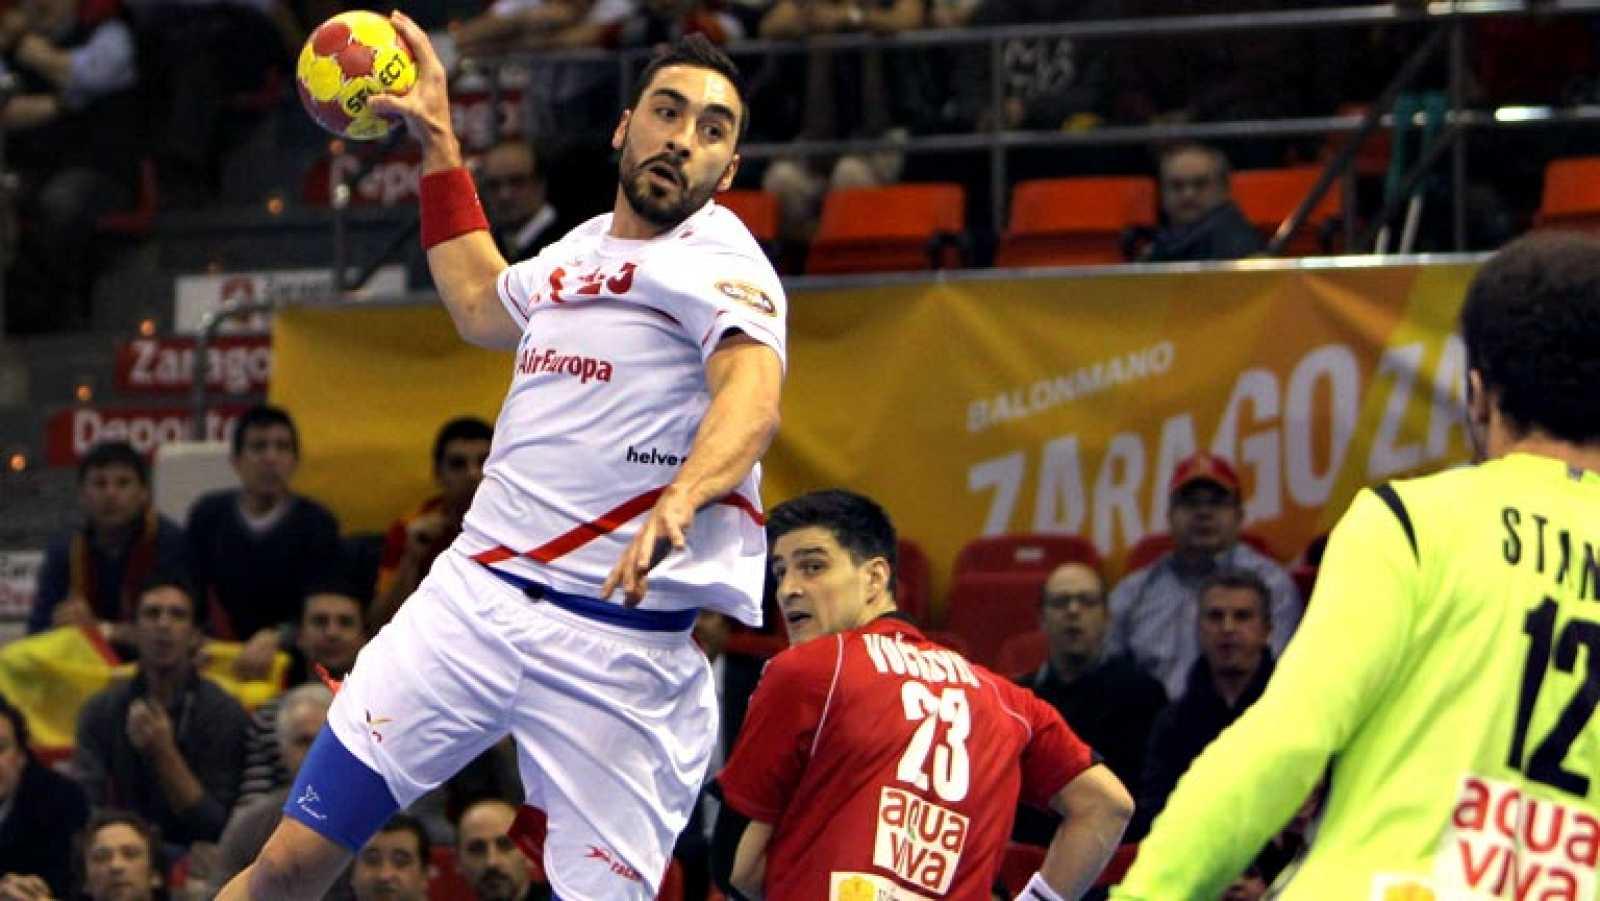 Mundial de Balonmano - 1/8 de final: Serbia - España - ver ahora